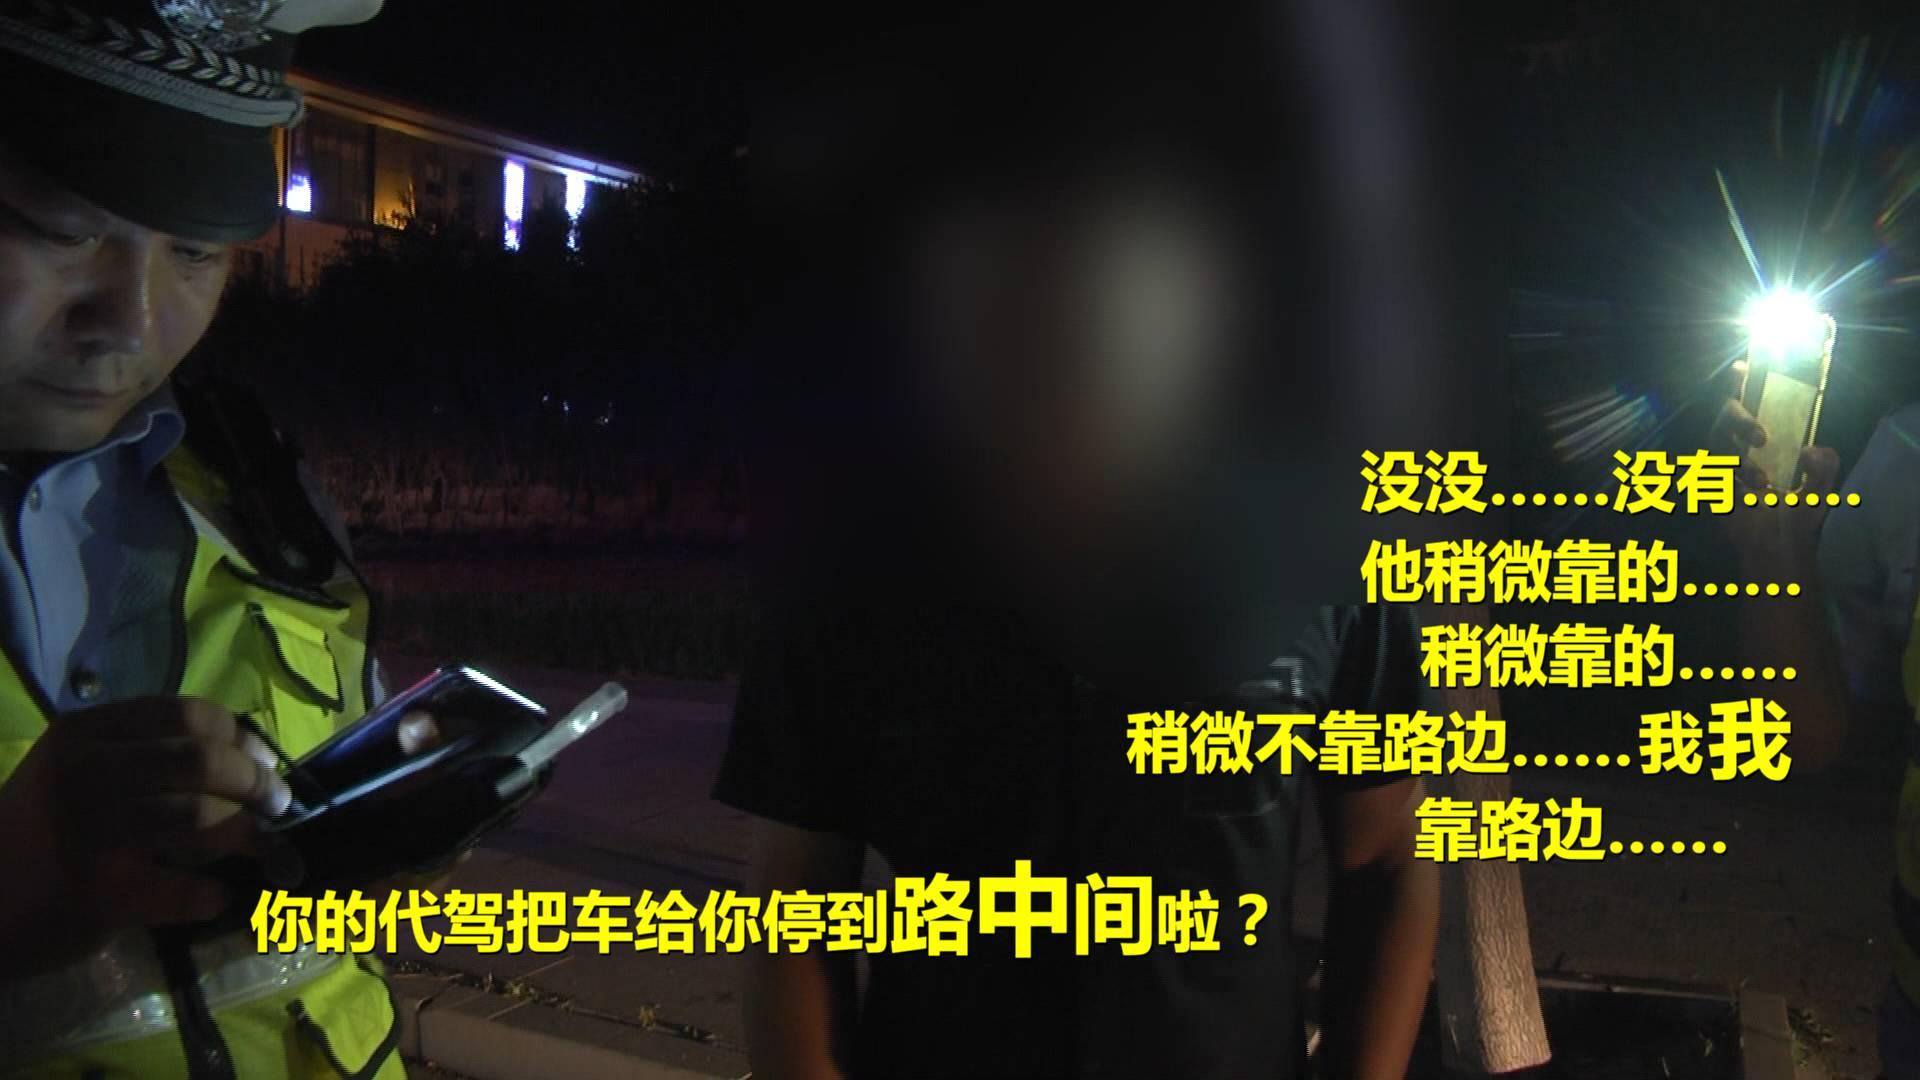 42秒丨菏泽曹县一男子酒驾被查戏精附体:代驾把我放这的